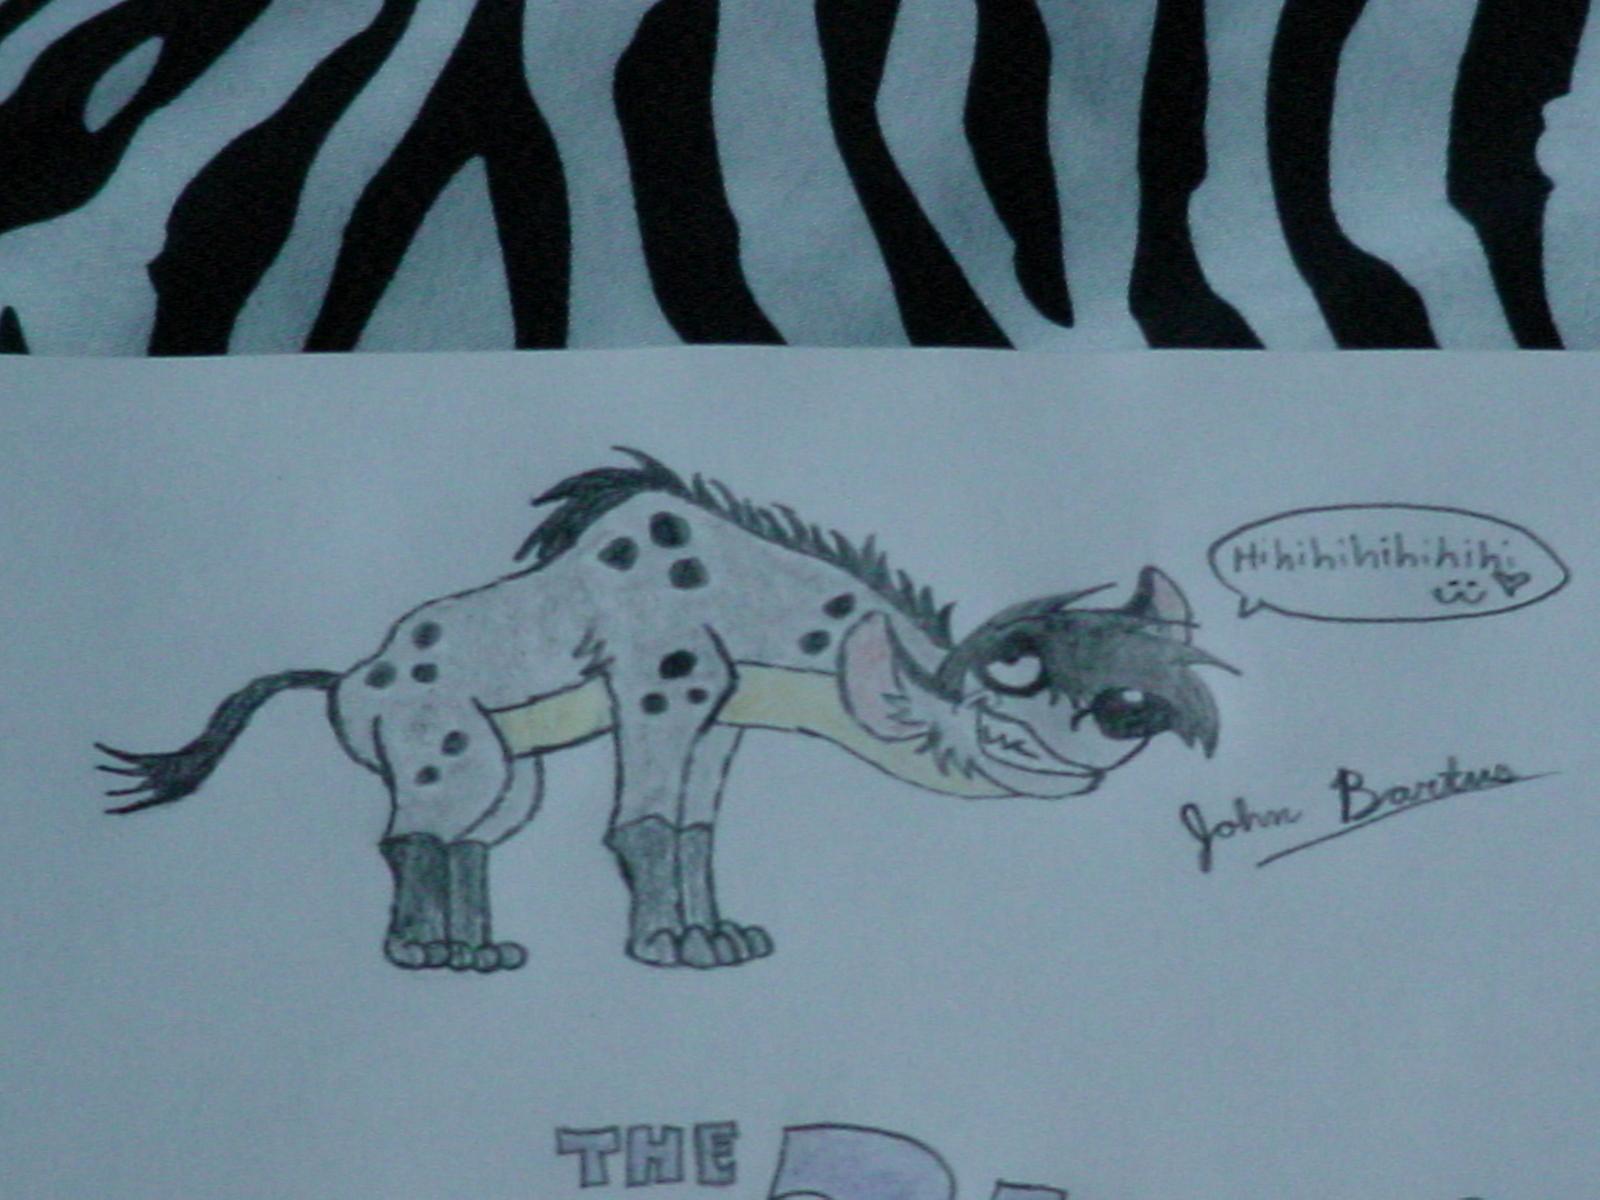 John the Hyena going: Hihihihihihihi :3